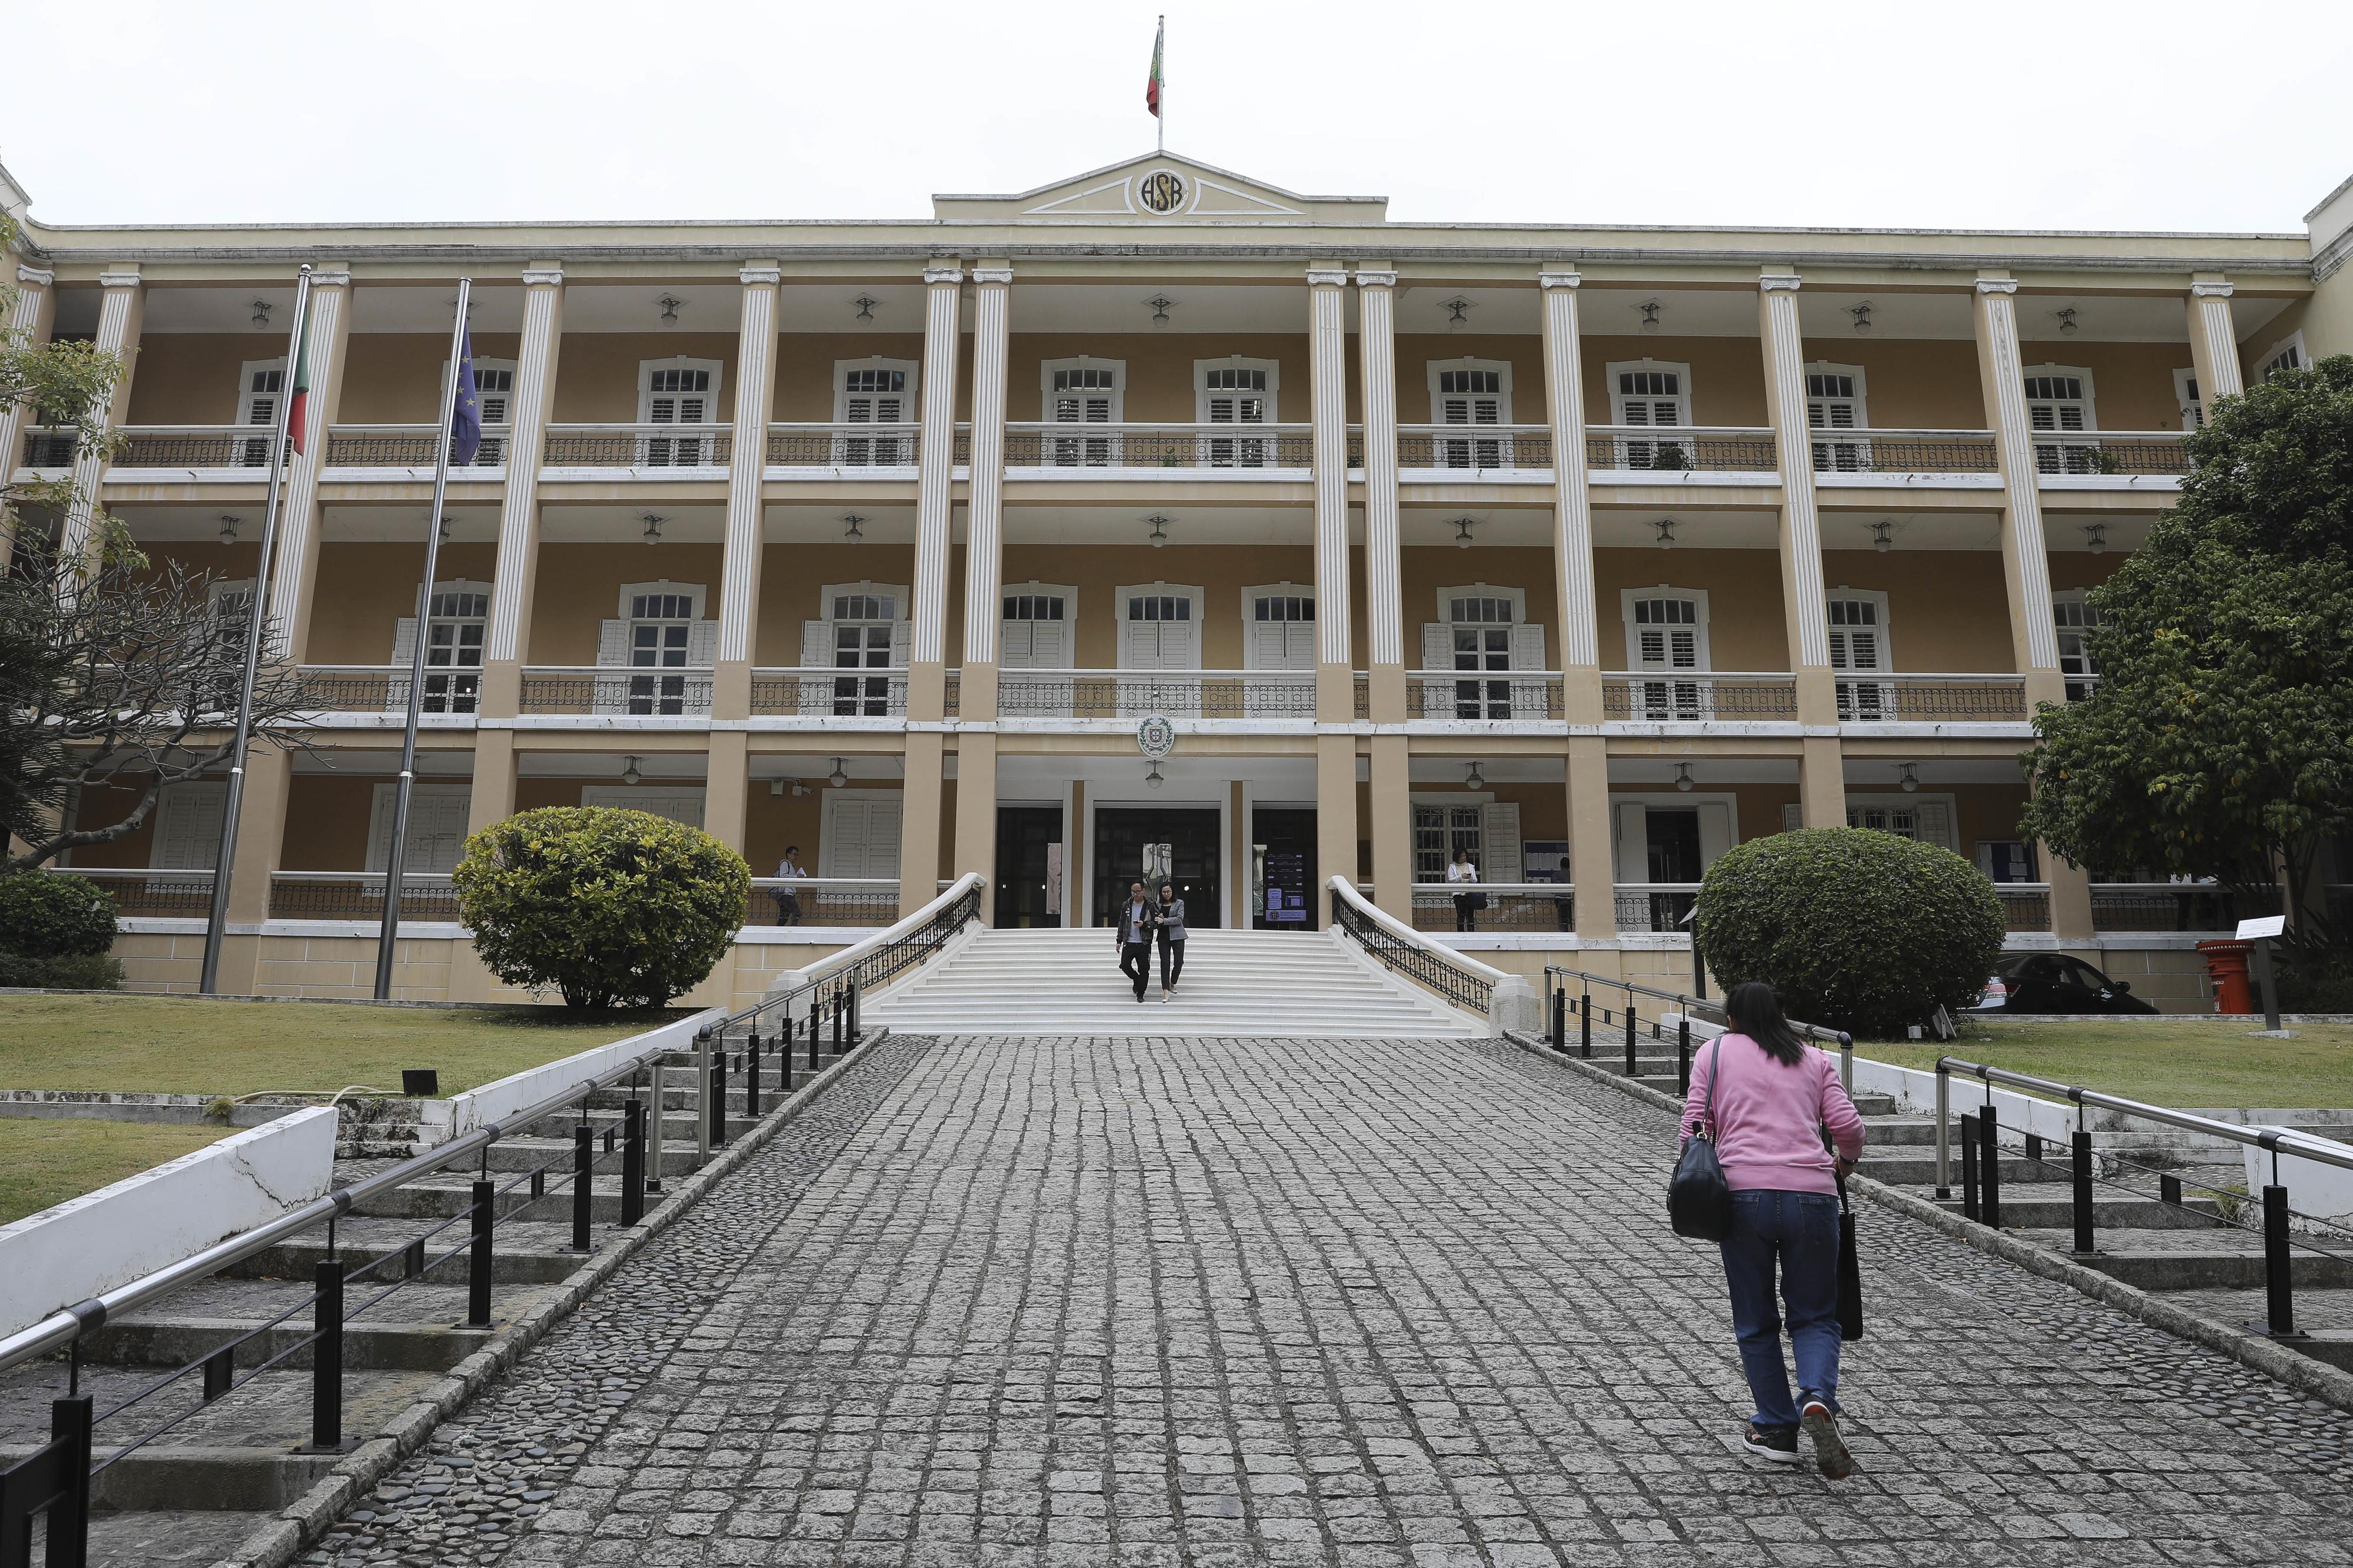 Instituto Português do Oriente em Macau adia regresso das crianças às aulas